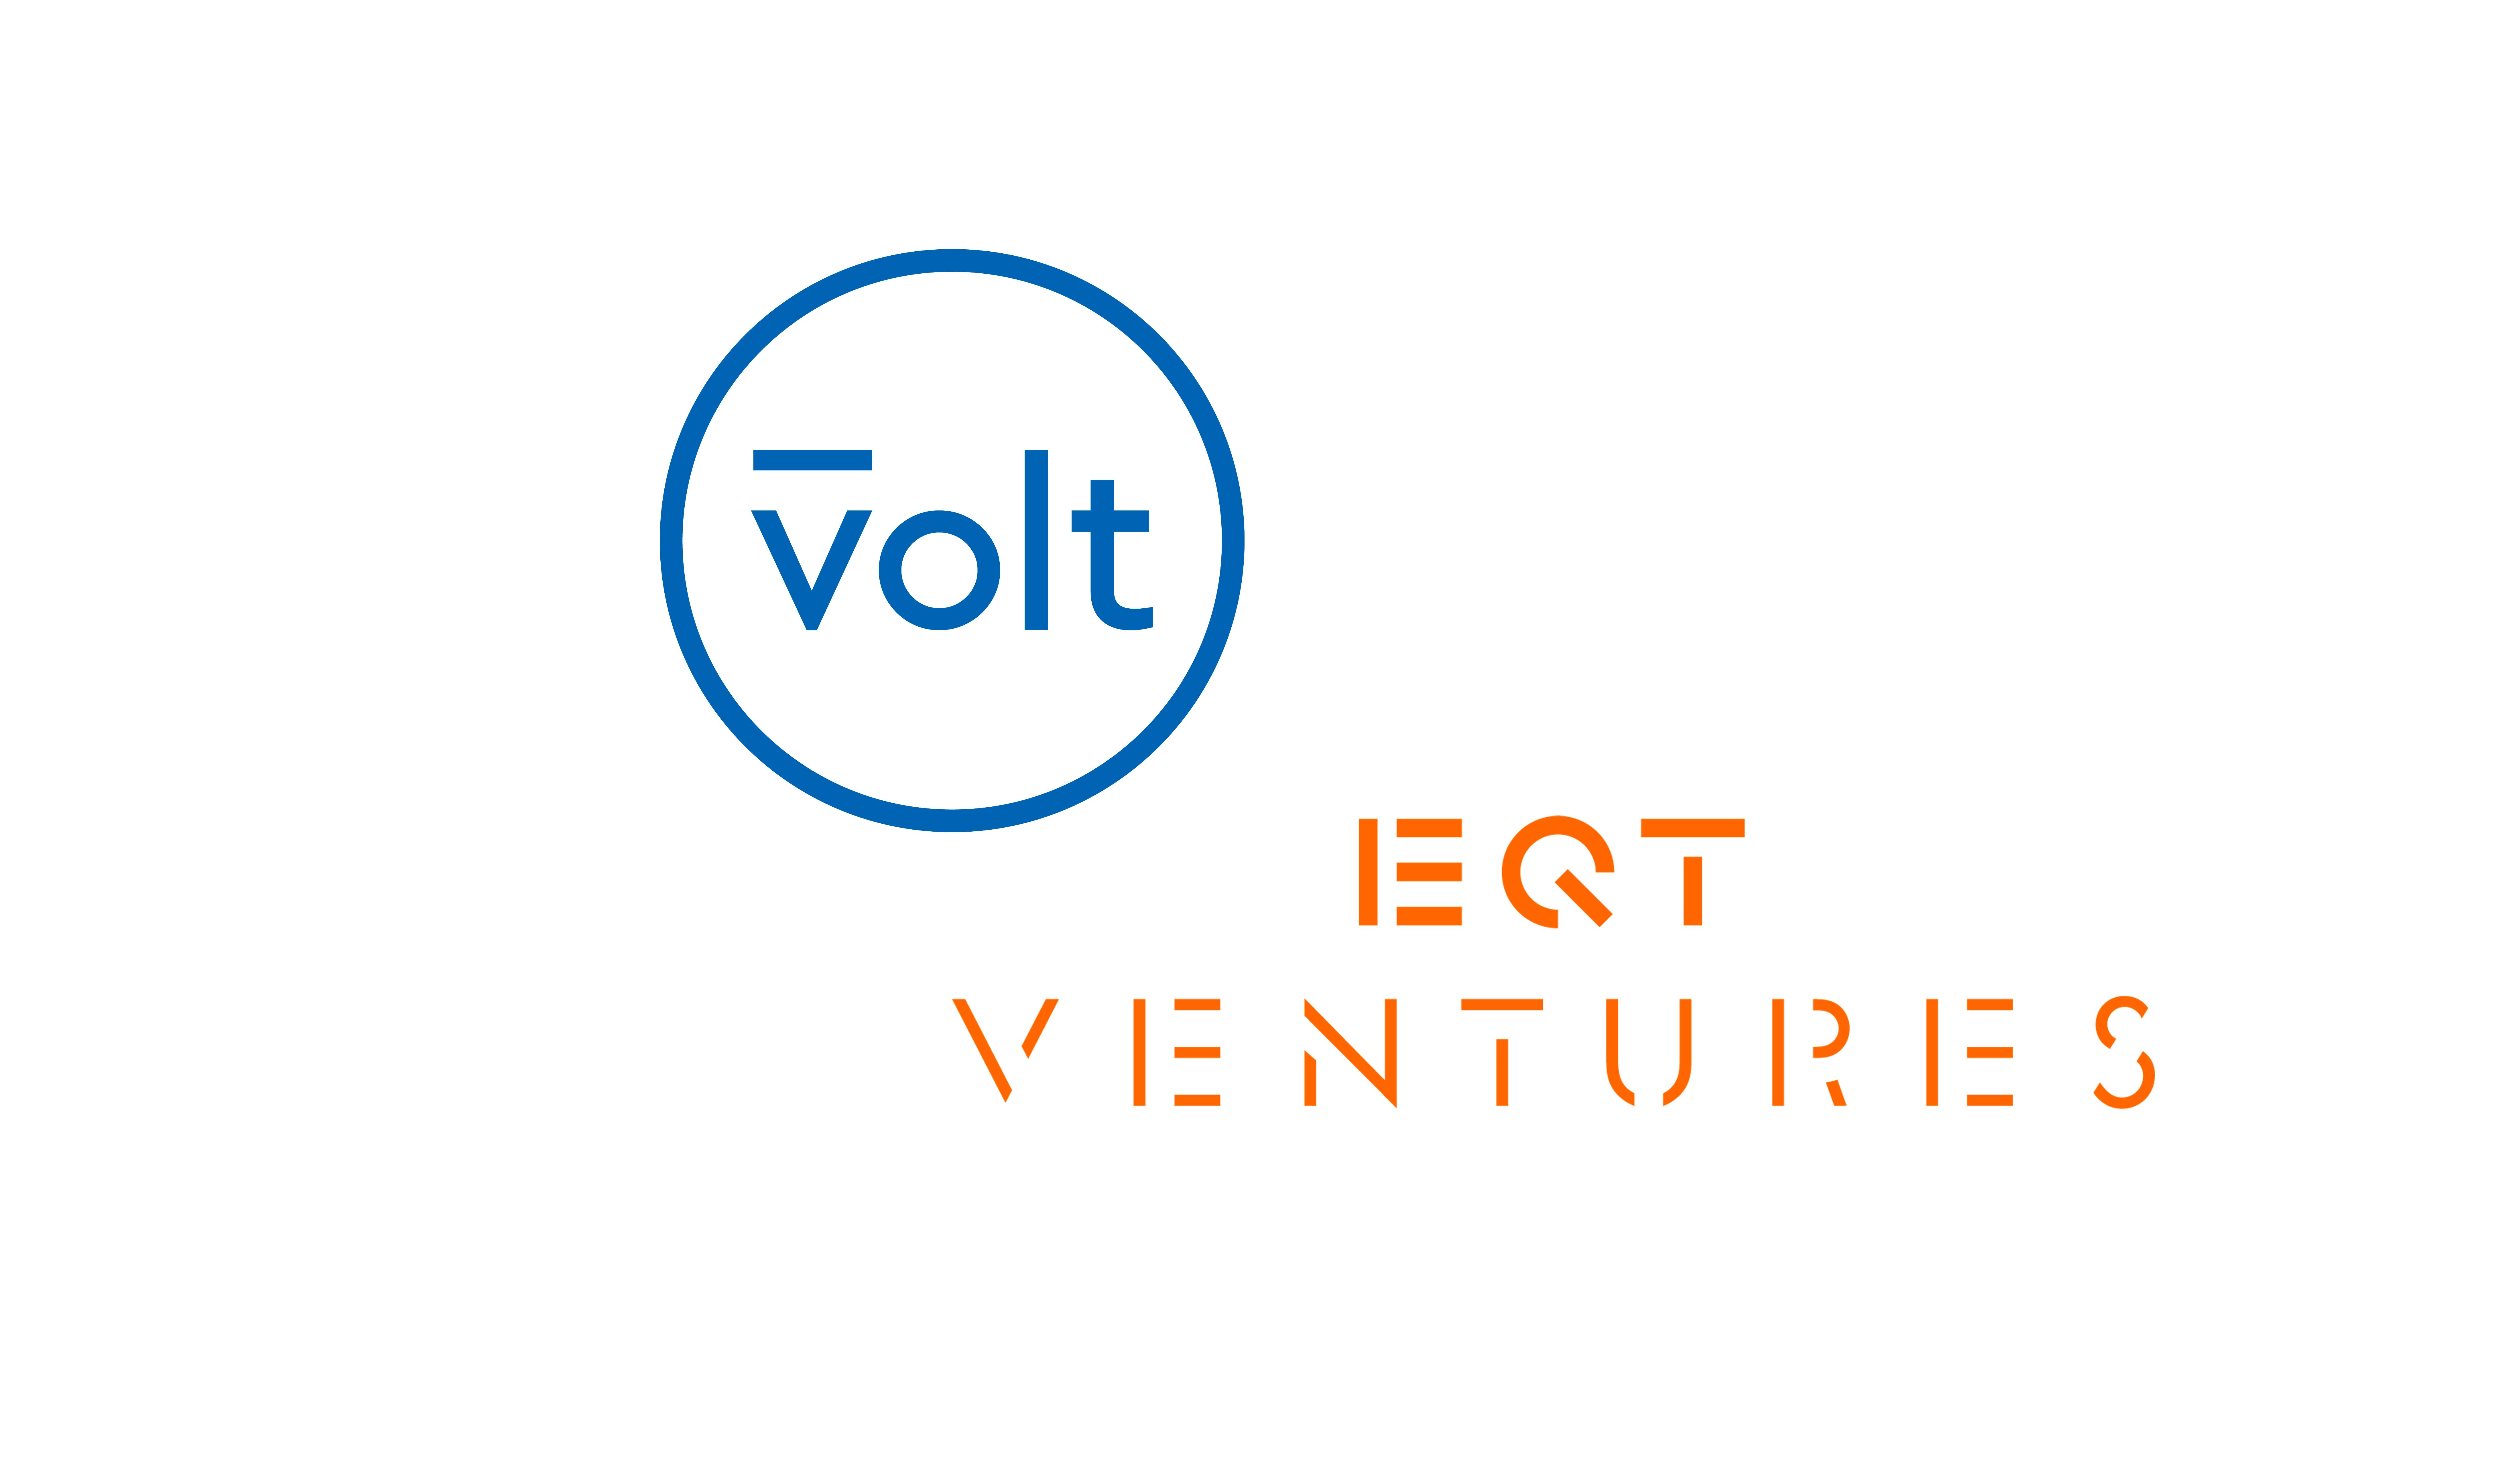 Volt Raises $23.5M to Build Global Instant Payments Network